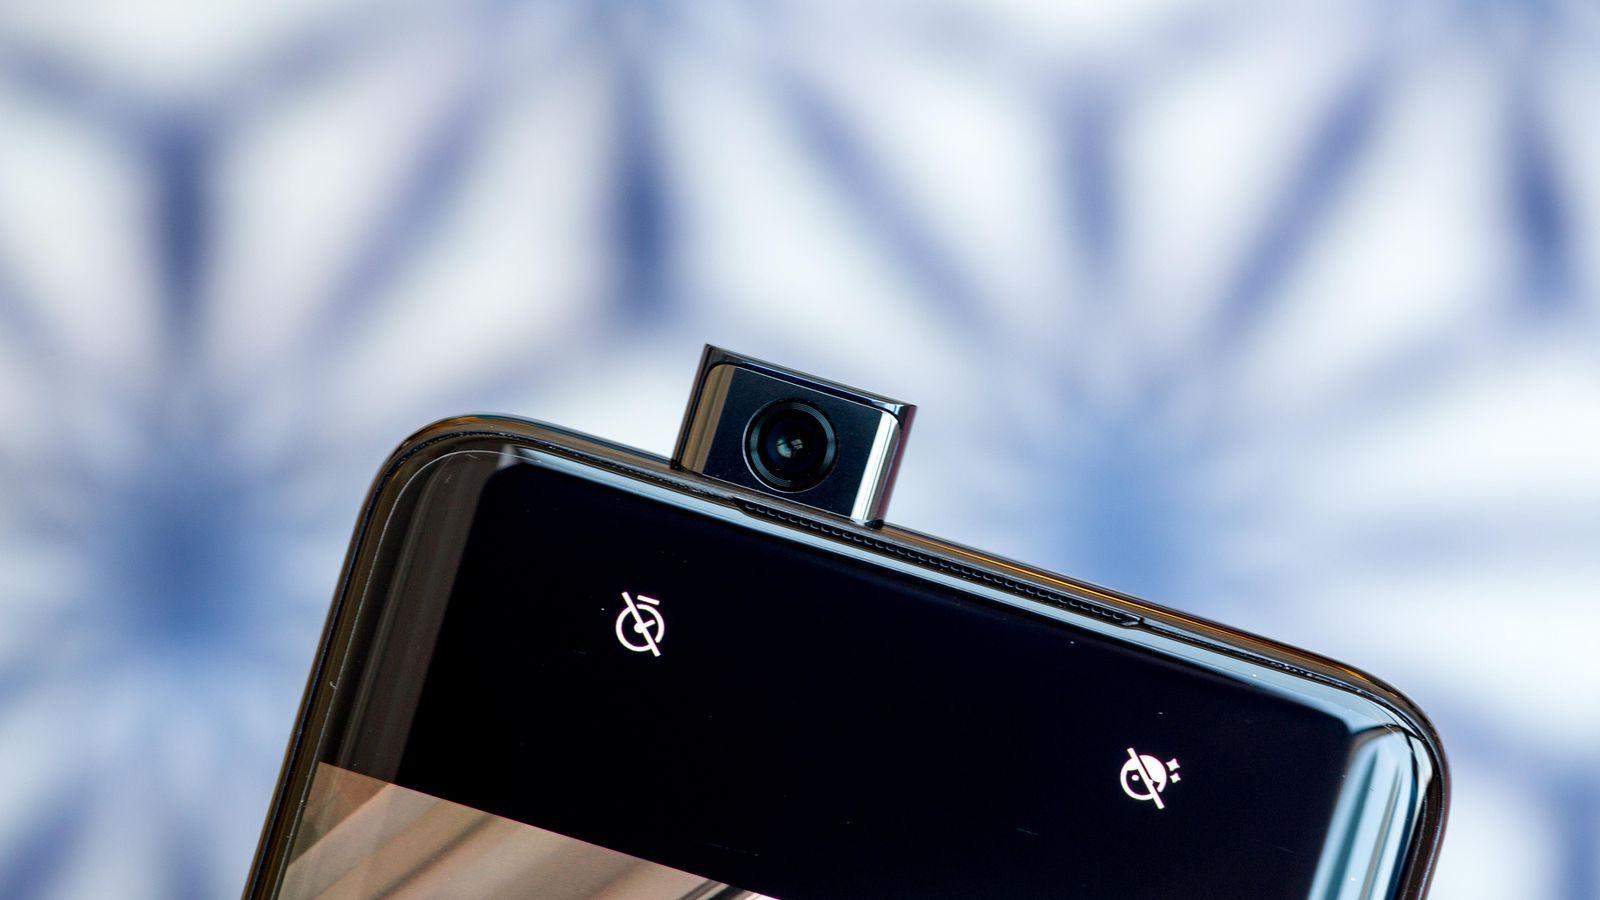 هل هاتف OnePlus 7 Pro هو الأفضل حاليًا في العالم من بين الهواتف الرائدة